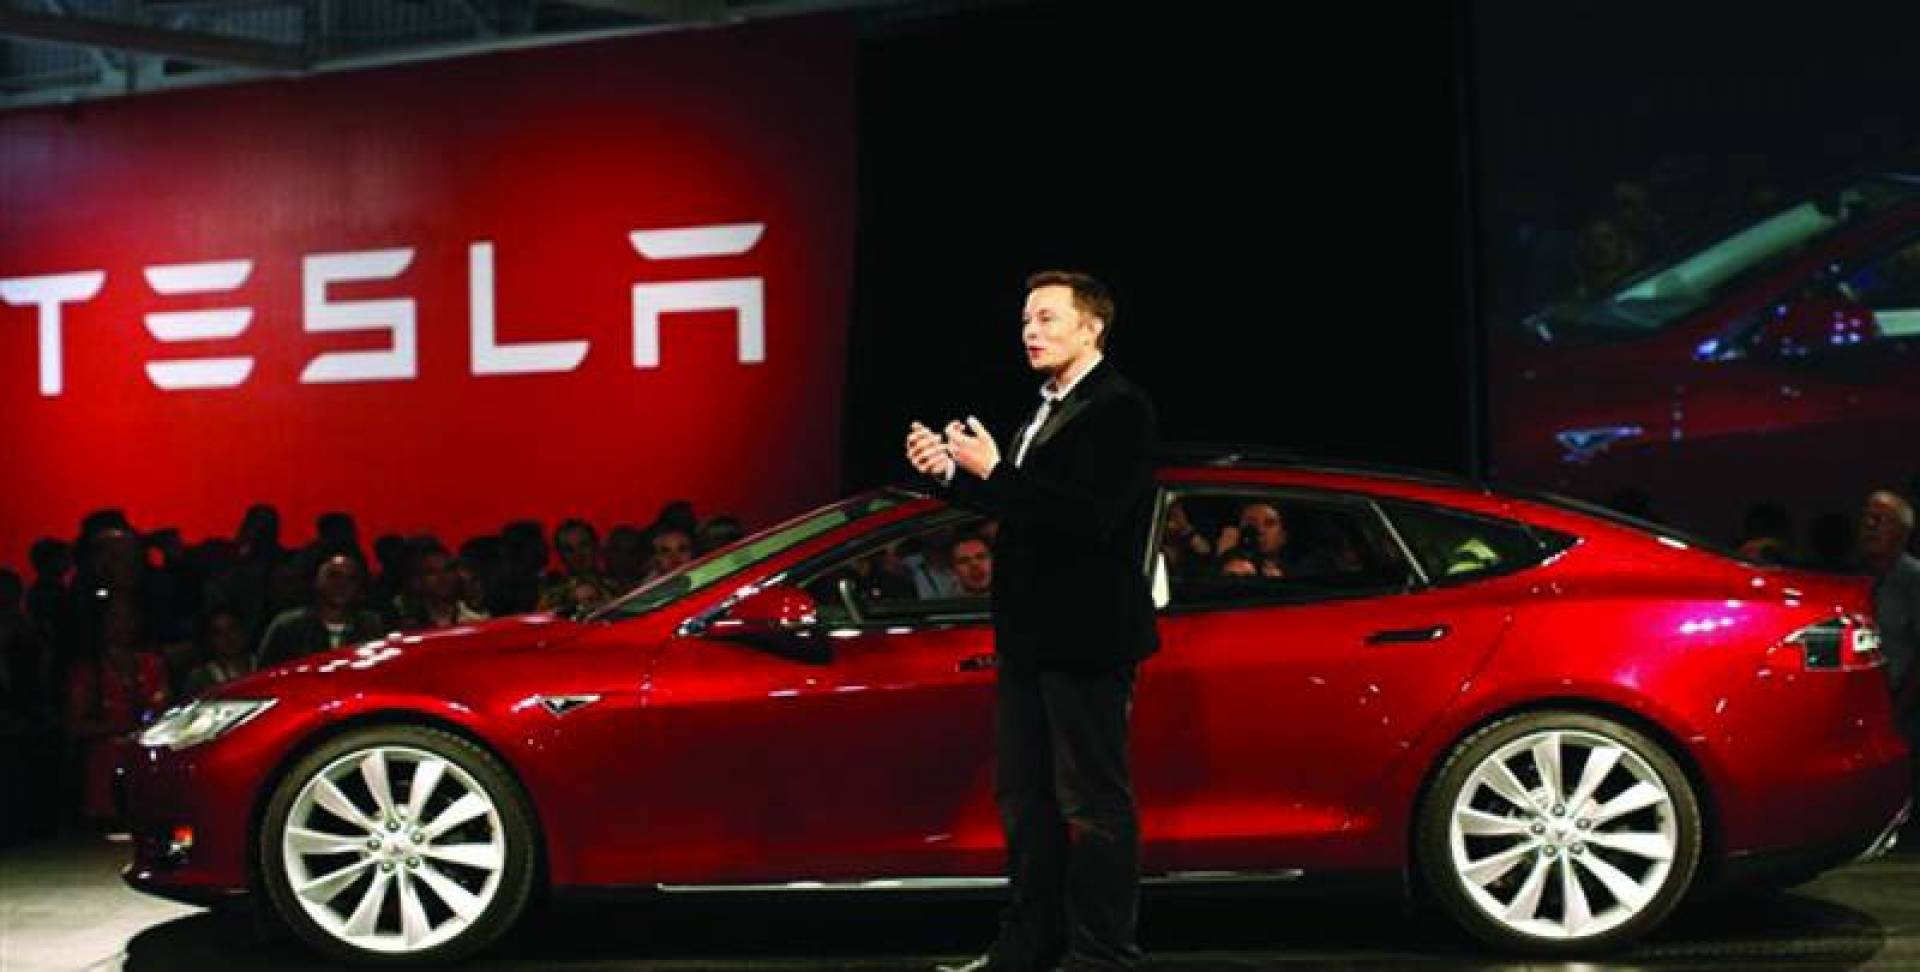 «تسلا» تتصدر قائمة السيارات الكهربائية الأكثر مبيعاً